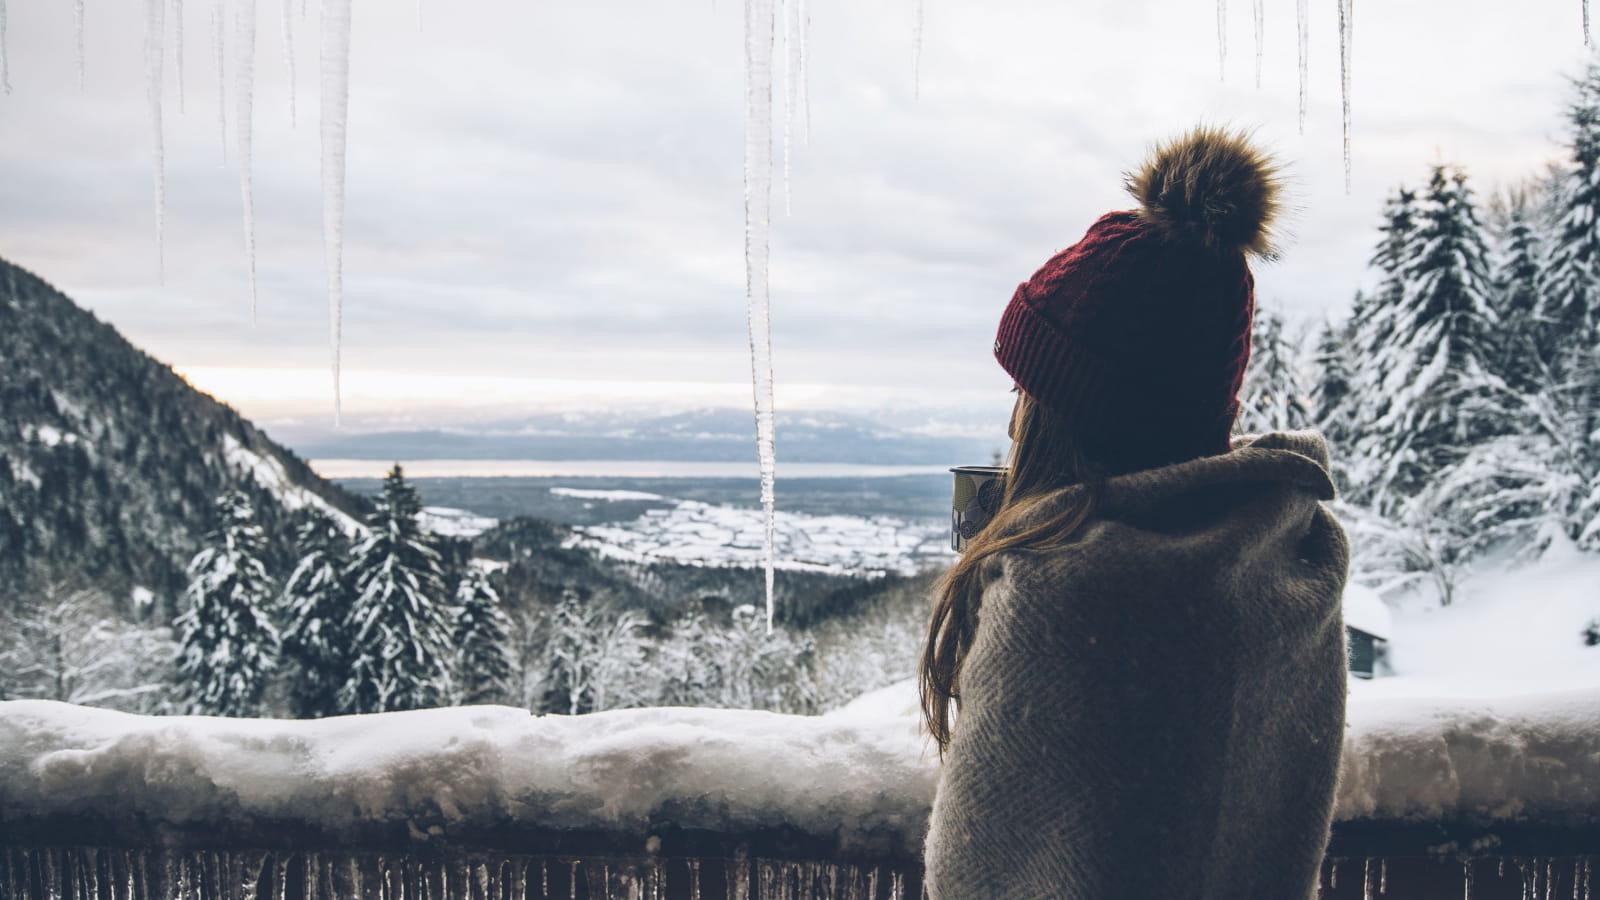 Vue depuis le balcon de l'hôtel La Mainaz aux Monts Jura. La plus belle vue d'Europe sur le Mont Blanc et le lac Léman